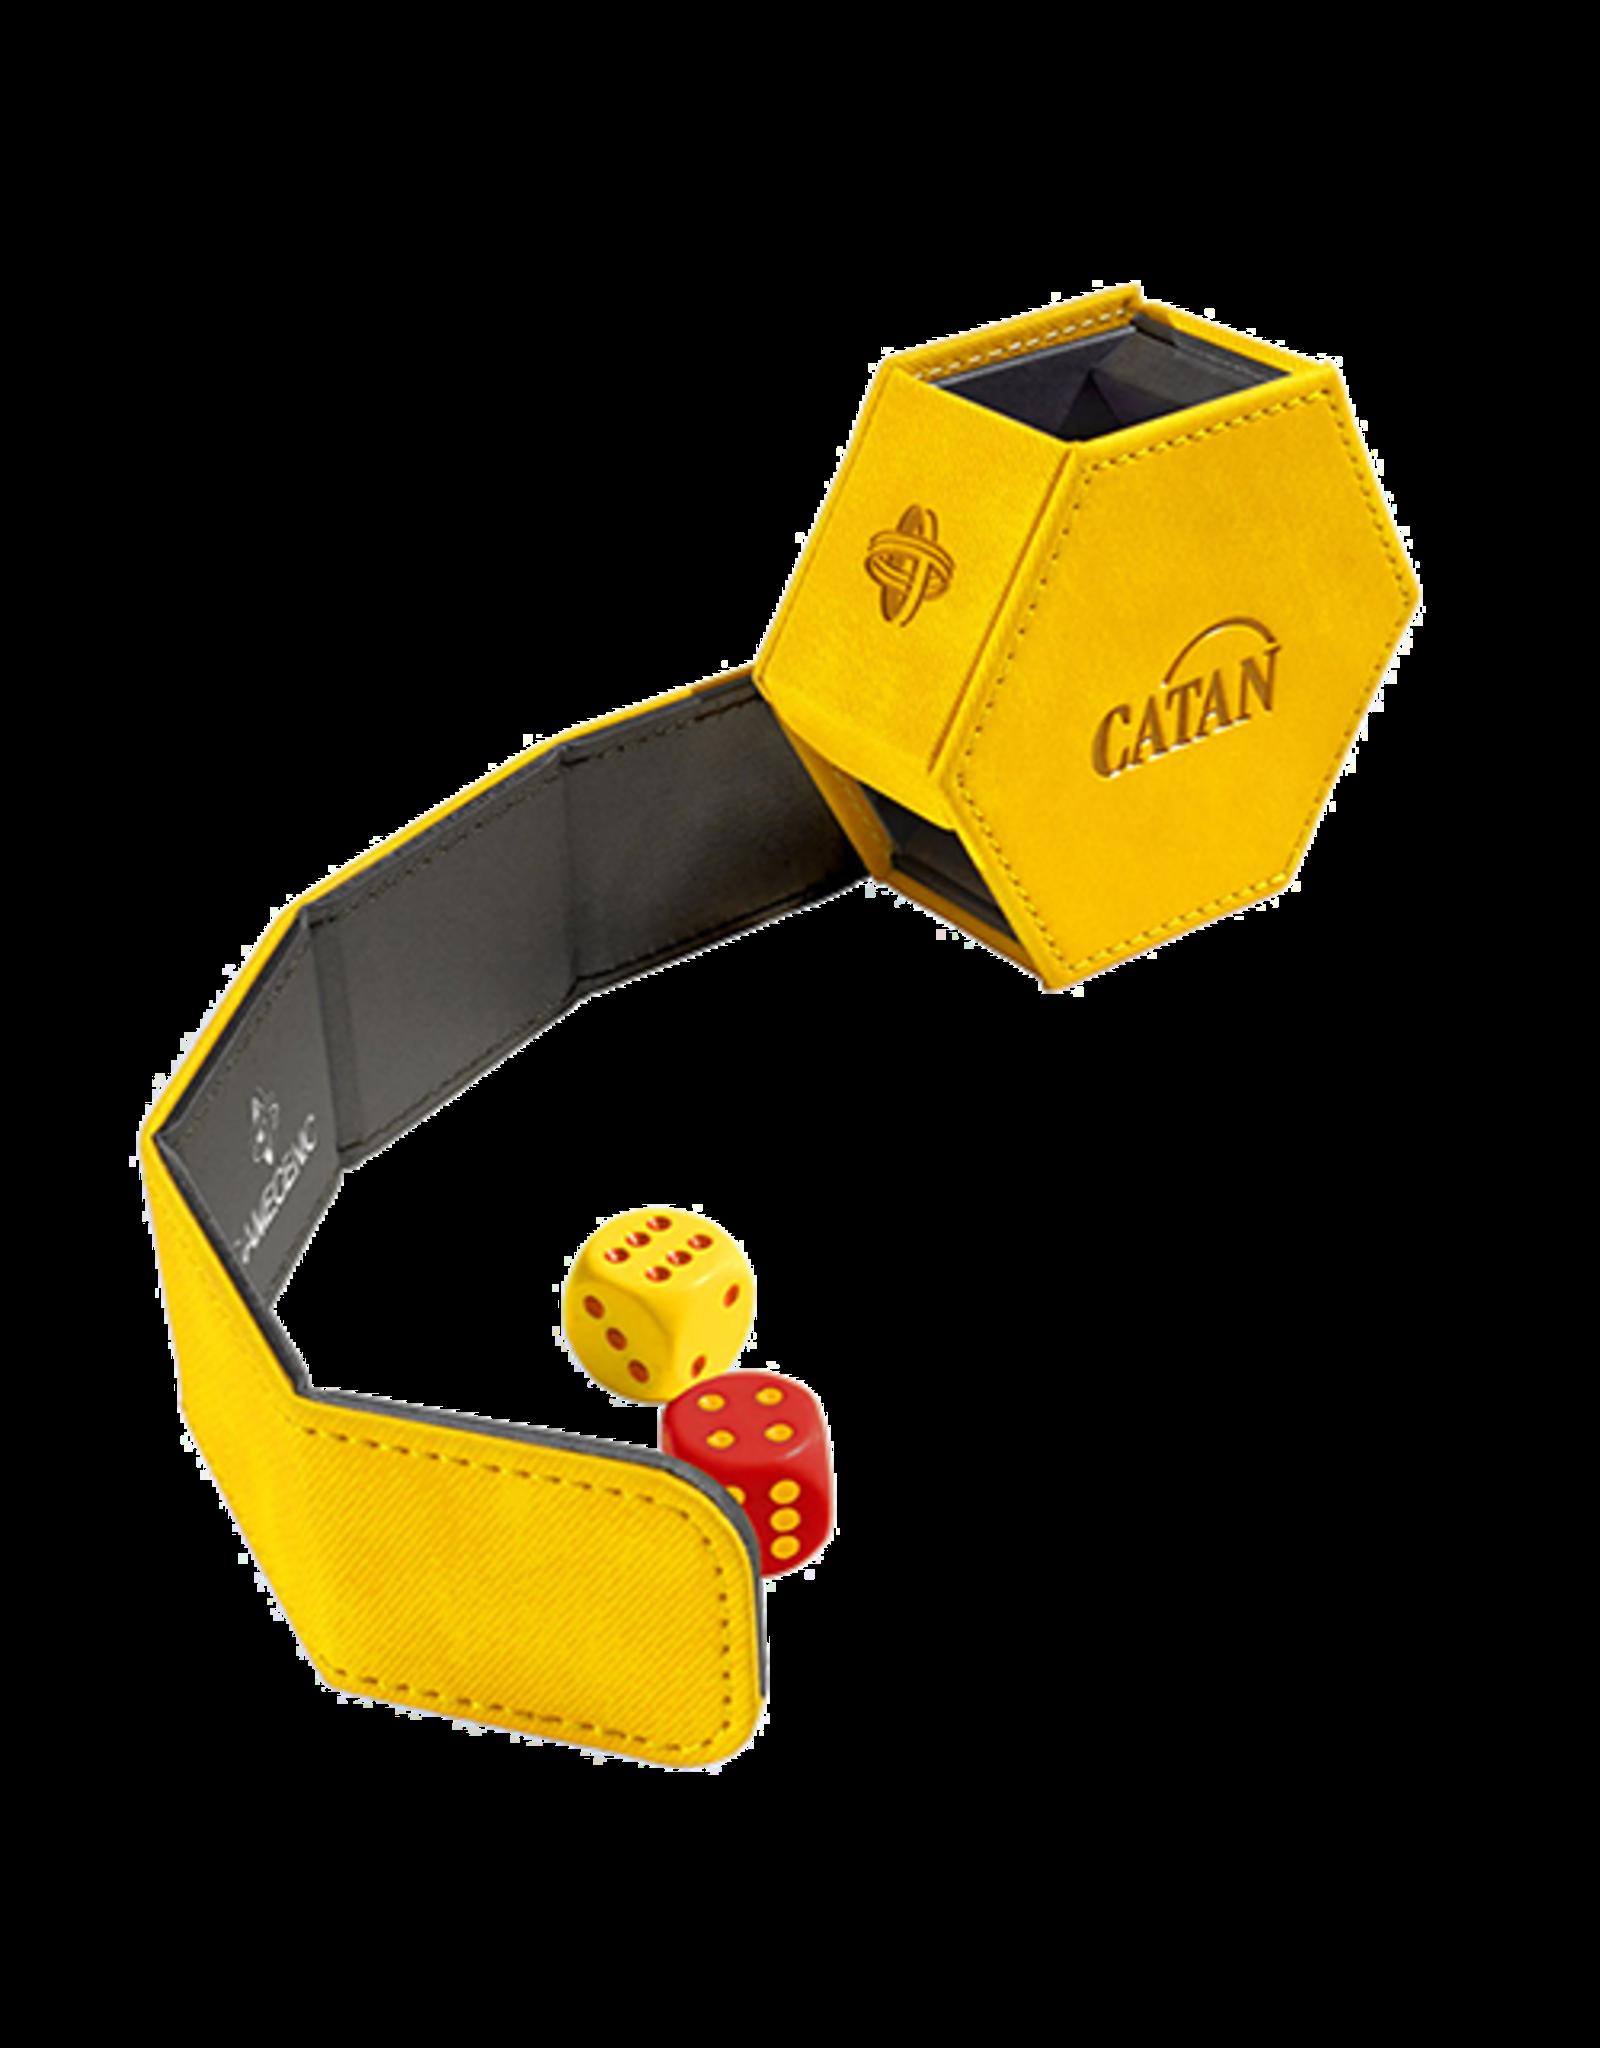 Catan Studio Catan Hexatower Yellow